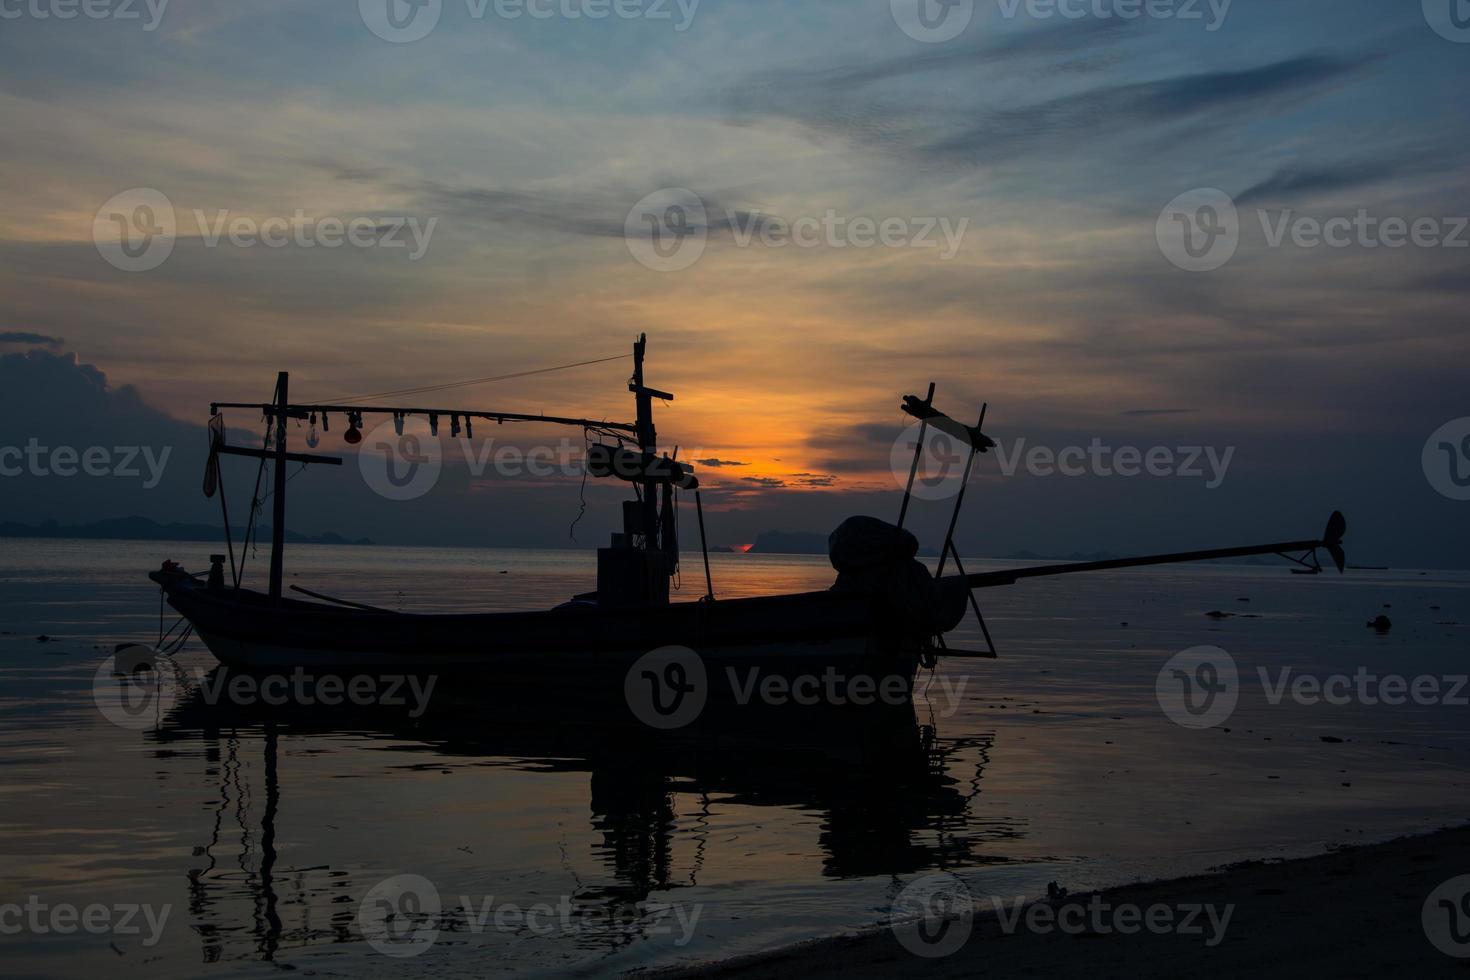 Bote de cola larga silueta con tragaluz de puesta de sol foto